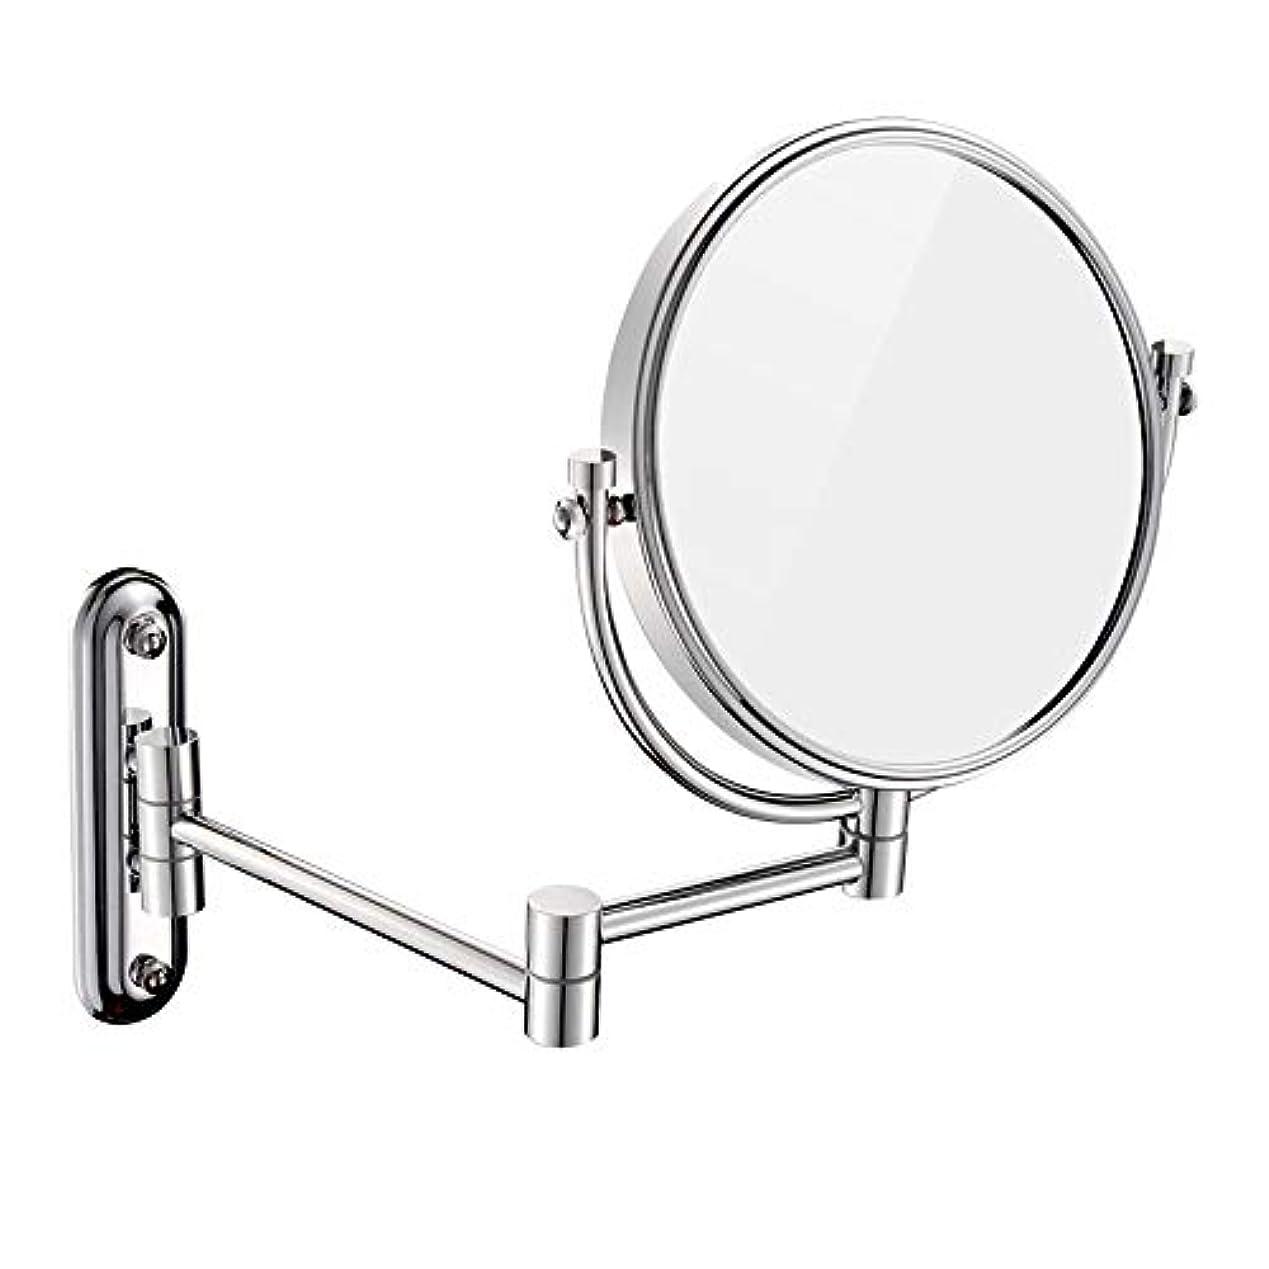 取り戻す気配りのあるカールFENDOUBA 化粧鏡 3倍拡大両面壁マウント化粧鏡、360°回転可能、8インチ、ラウンド